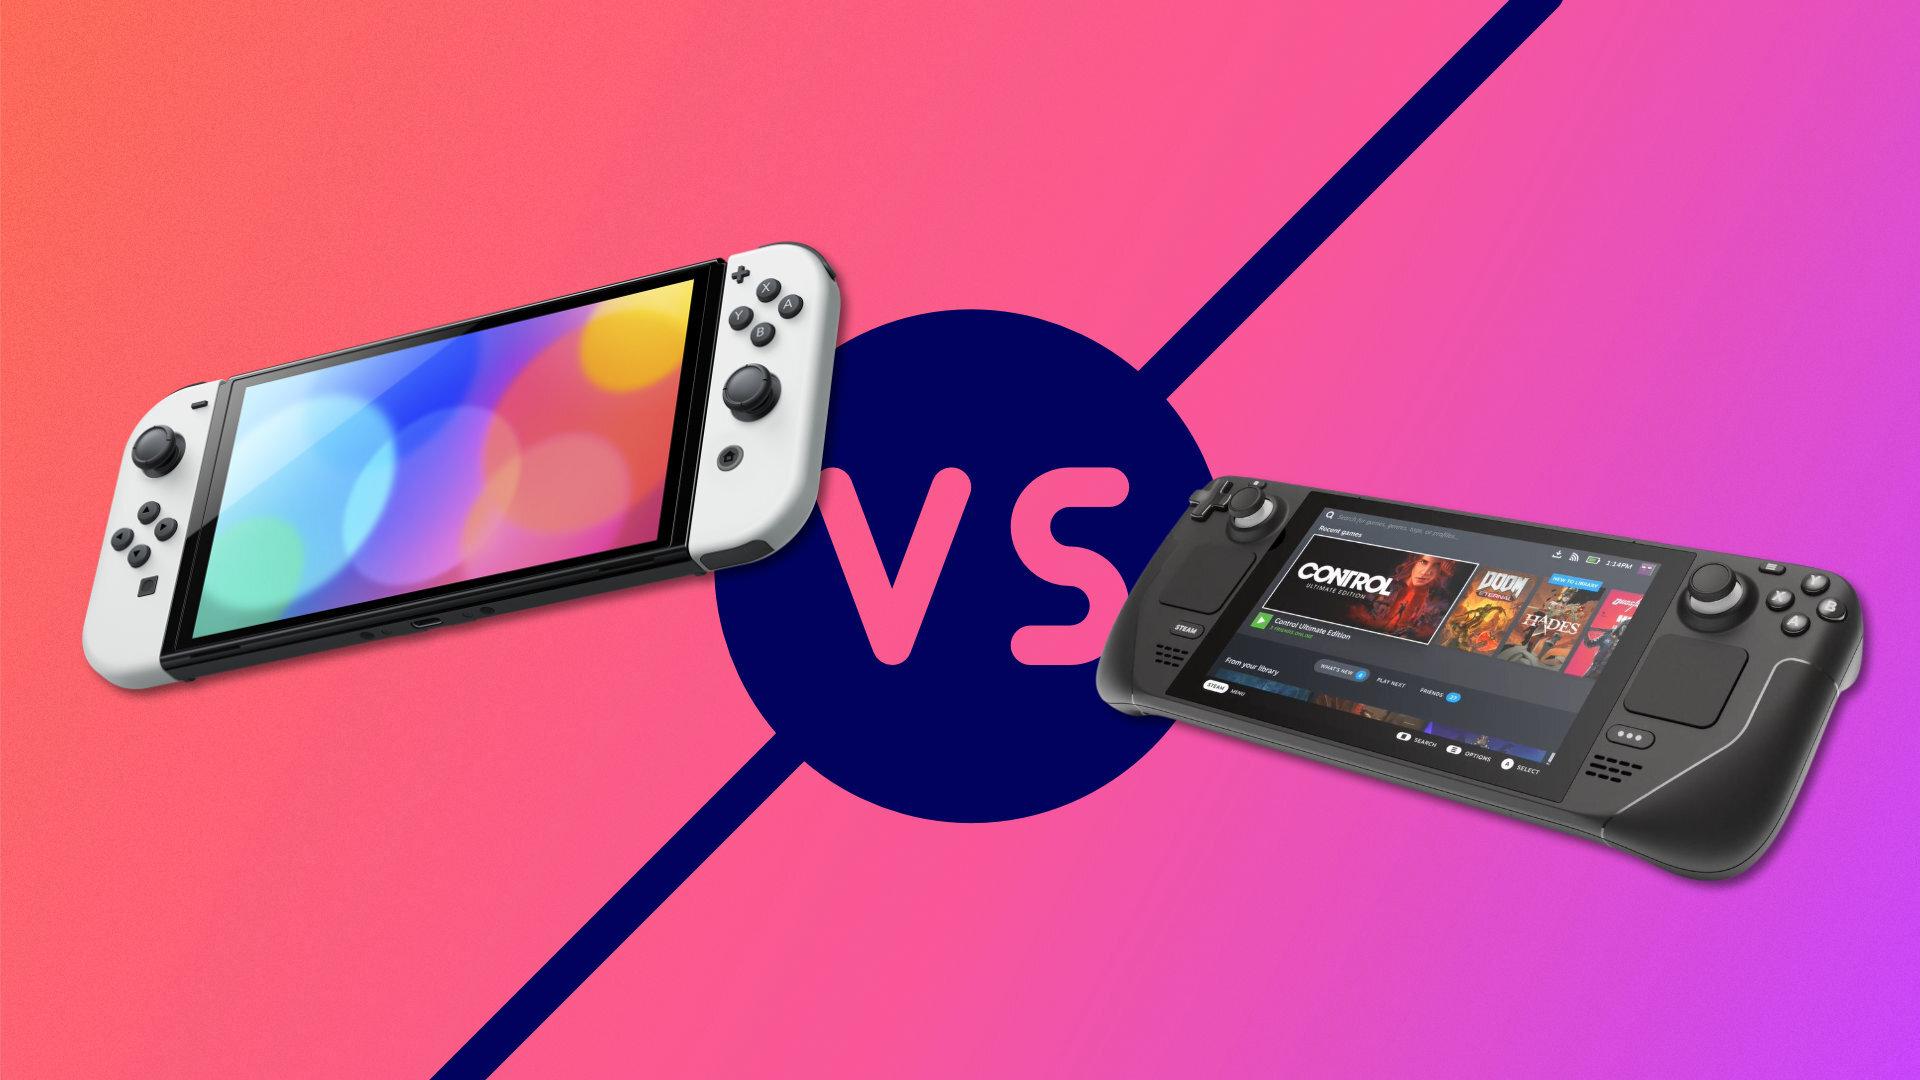 Nintendo Switch OLED vs Steam Deck : écran, puissance, jeux, prix, on fait le point sur les différences